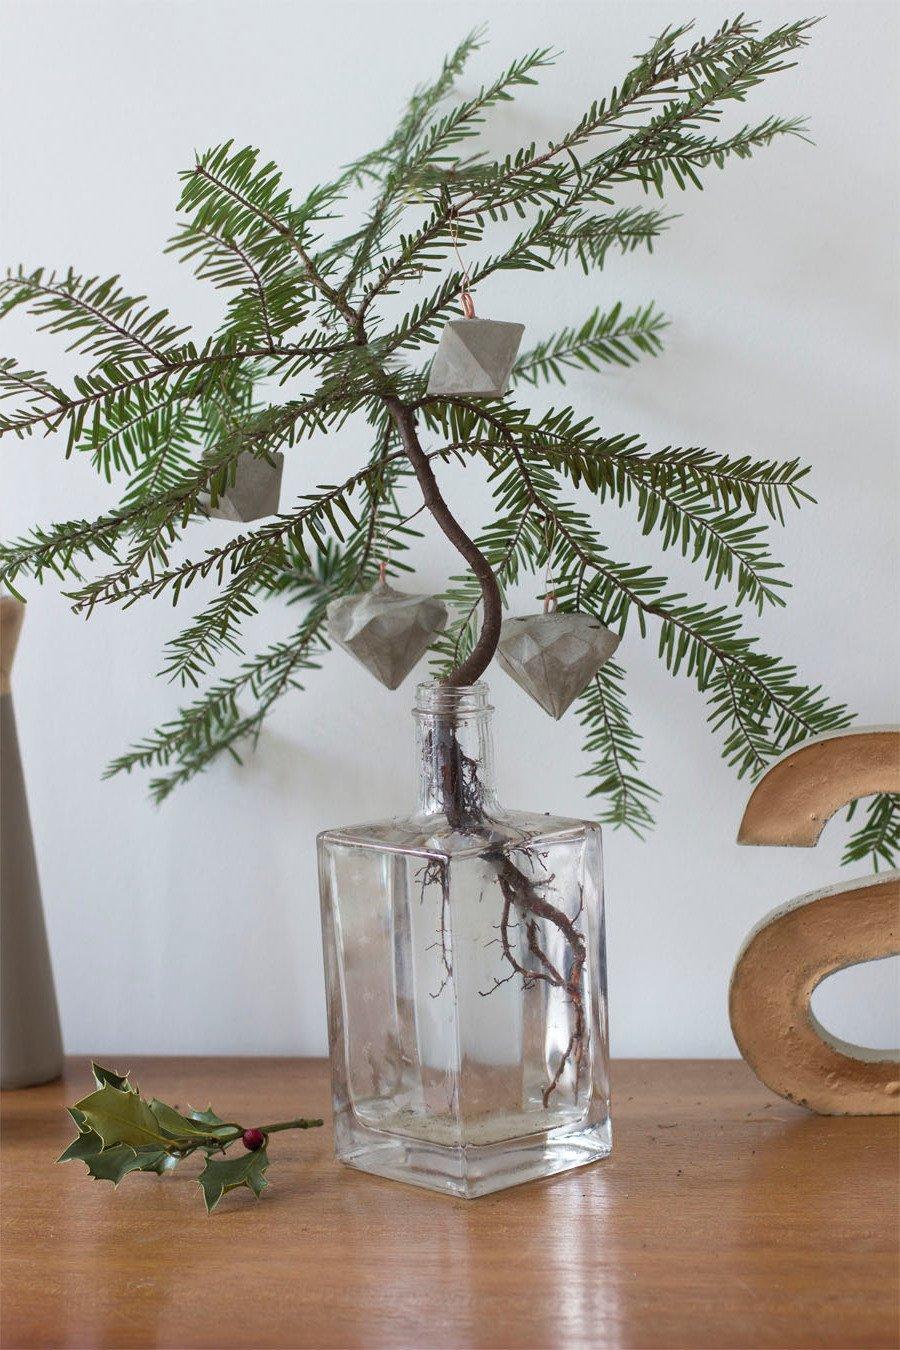 Beton deko weihnachtsdeko aus beton basteln 34 diy anleitungen diy weihnachtsdeko ideen - Geweih deko selber machen ...